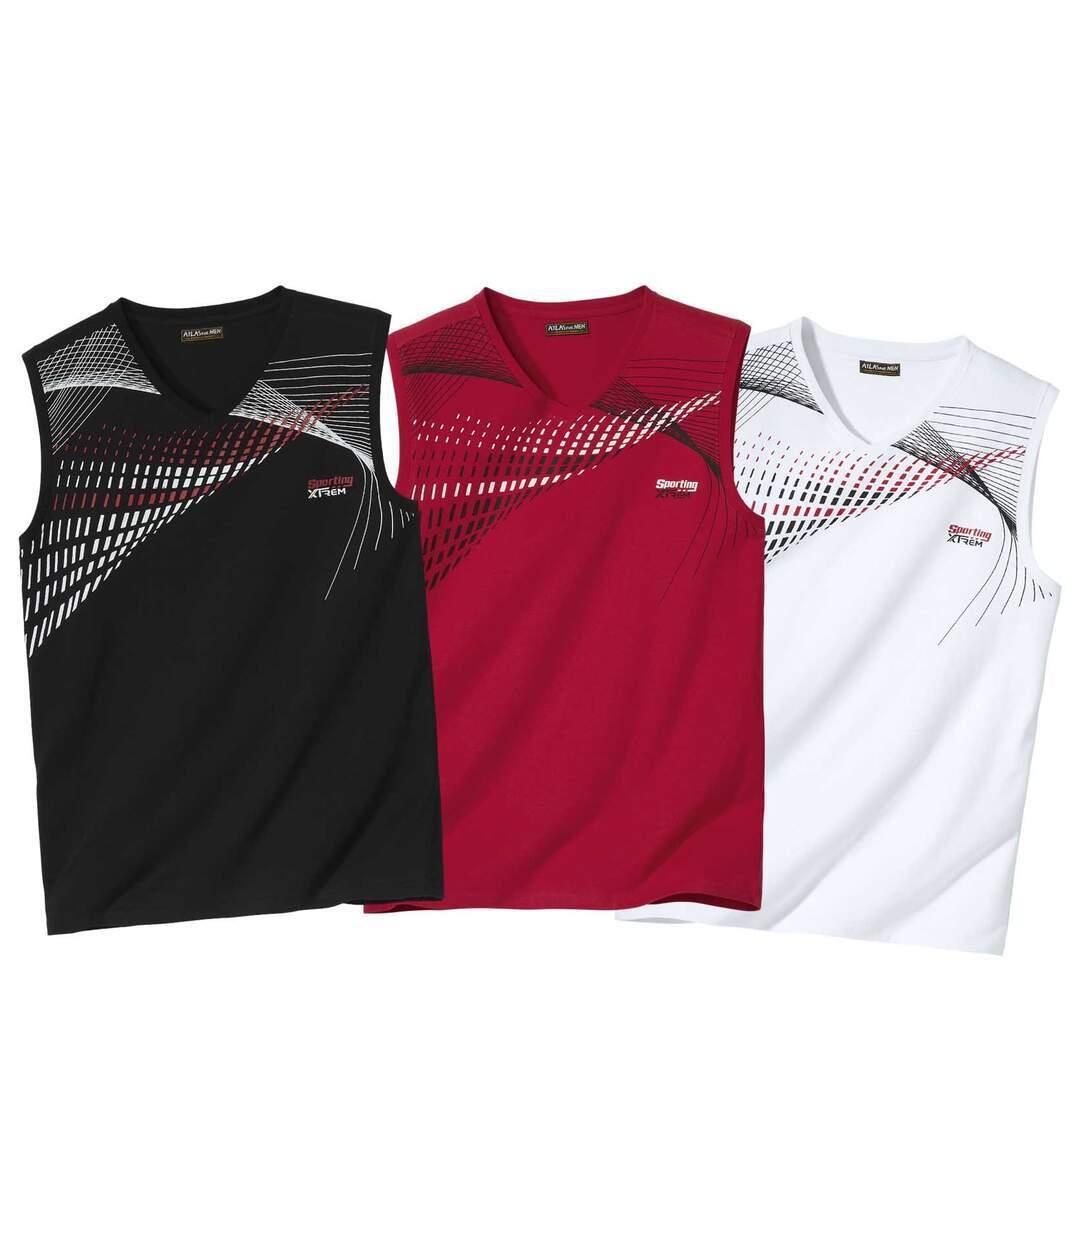 Zestaw 3 t-shirtów bez rękawów Sporting